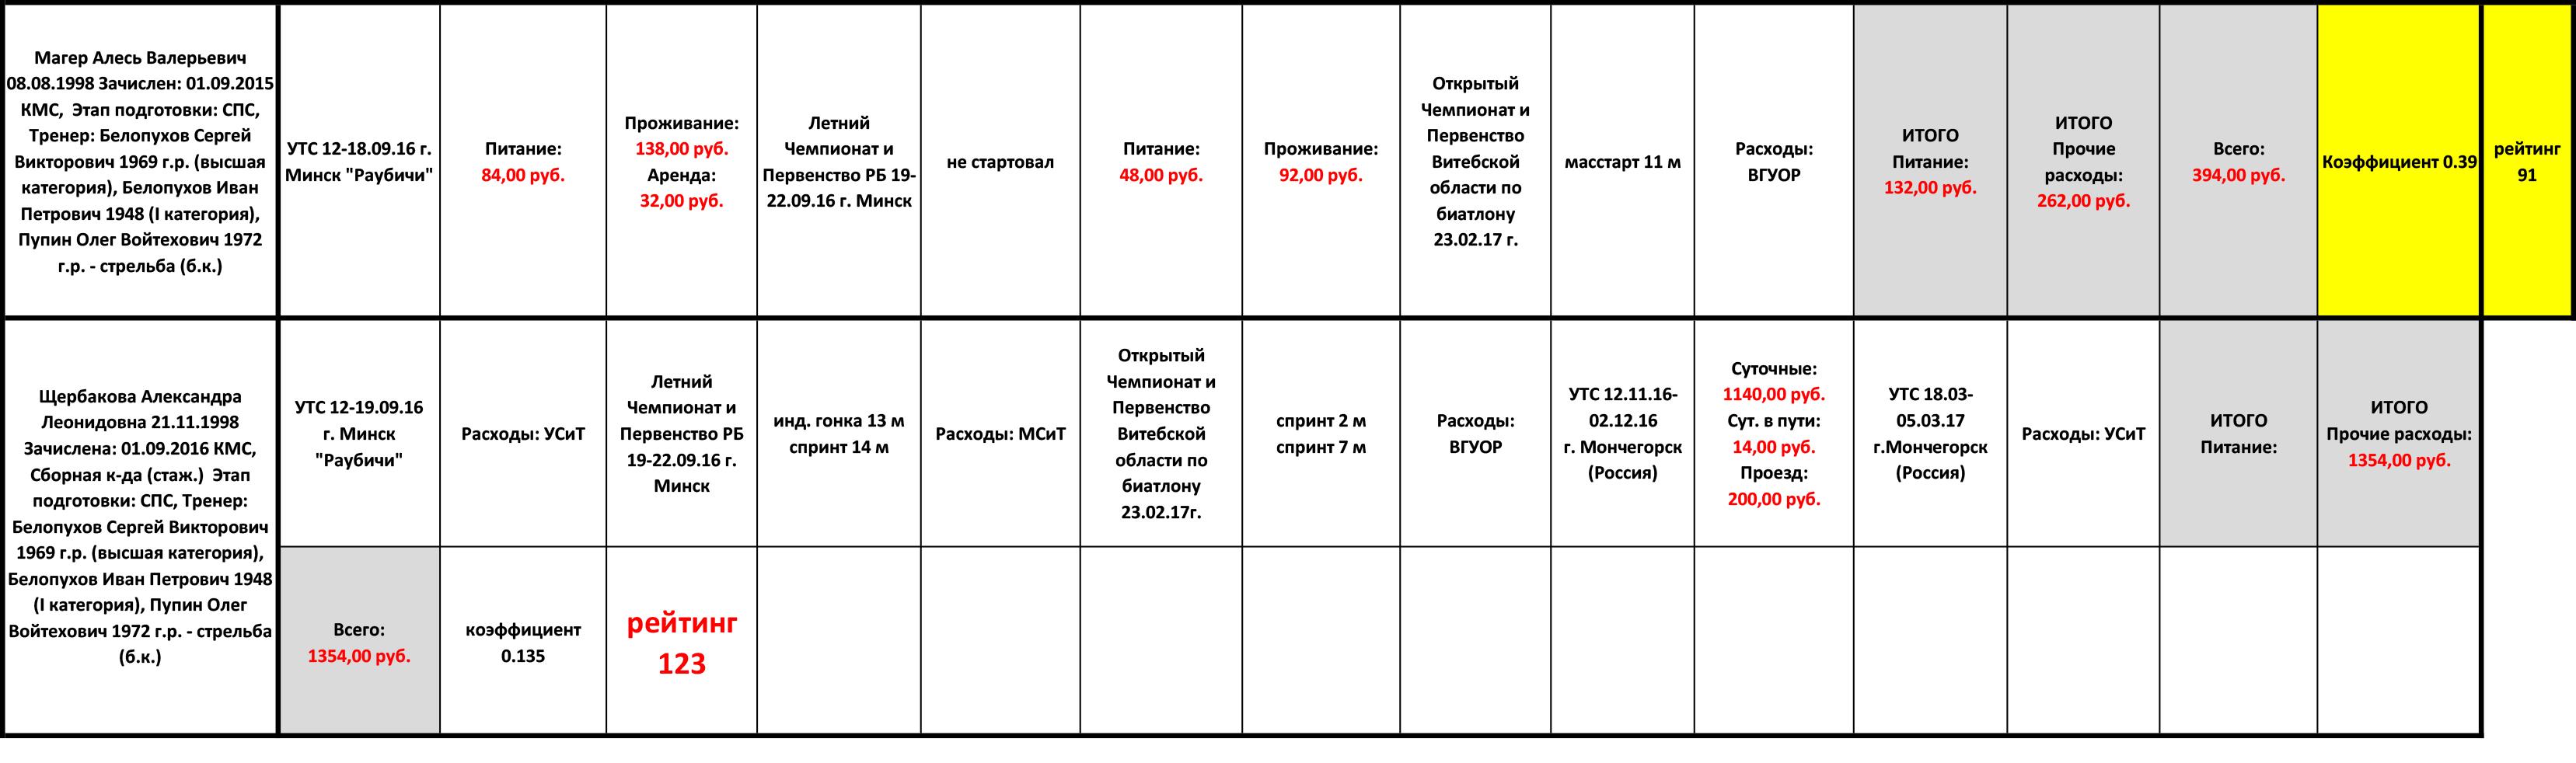 Белопухов С.В.2